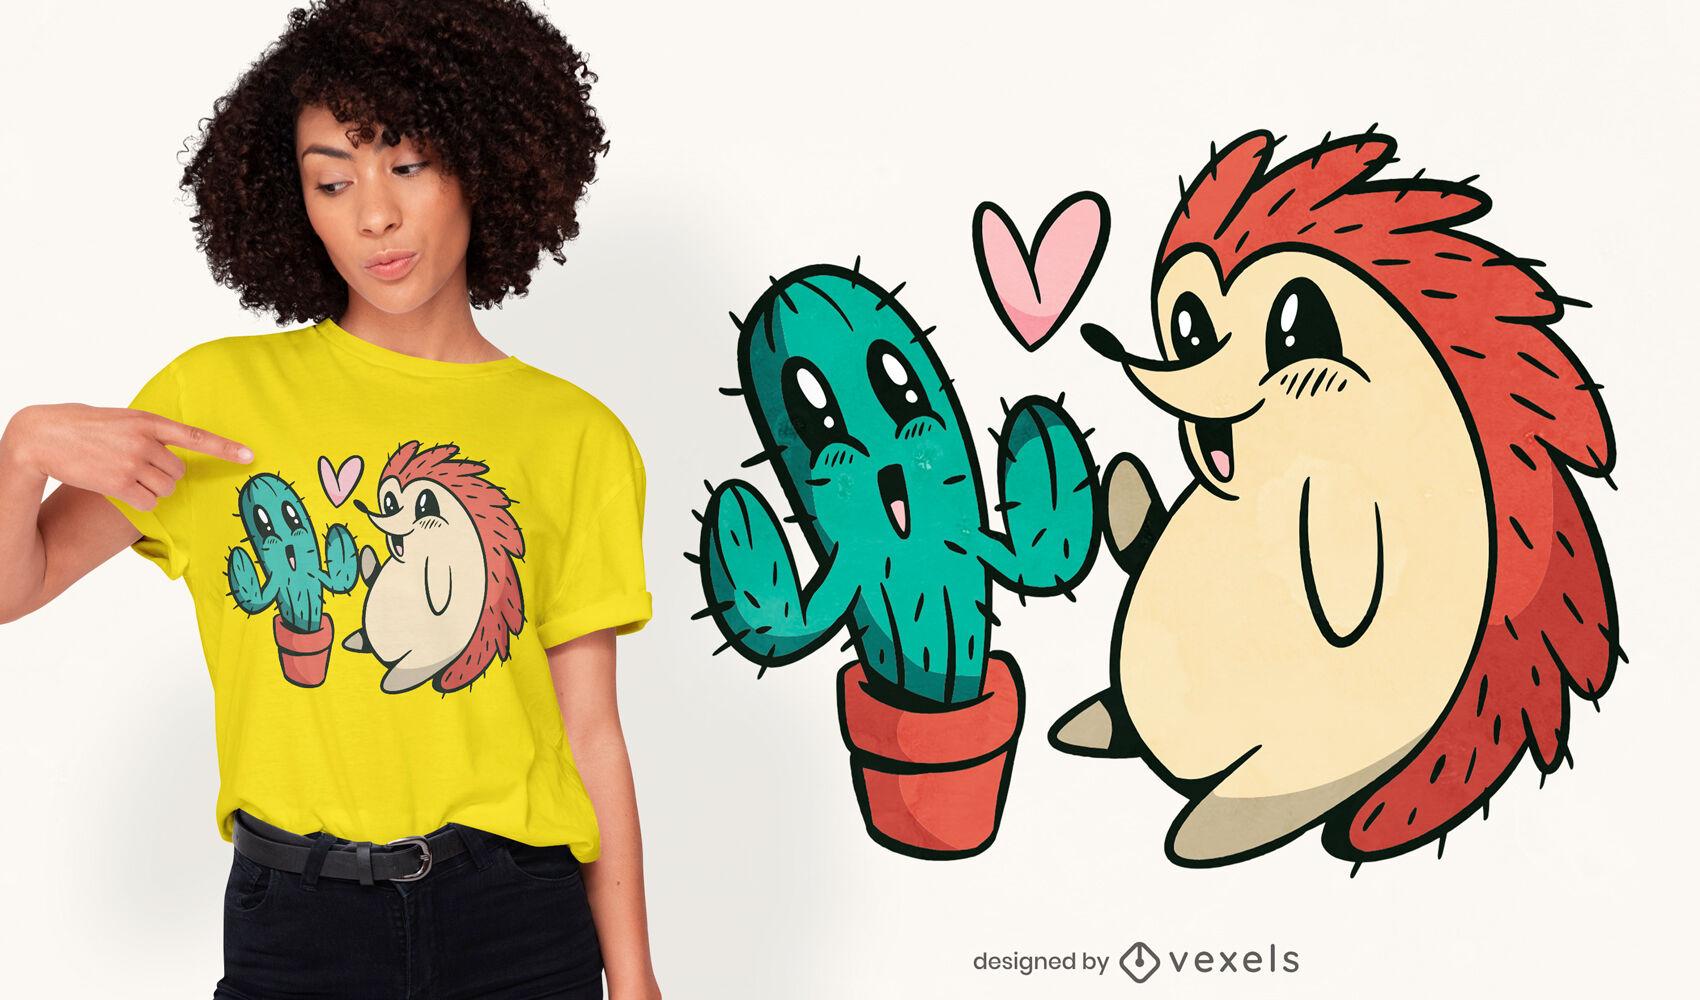 Cute cactus and hedgehog t-shirt design